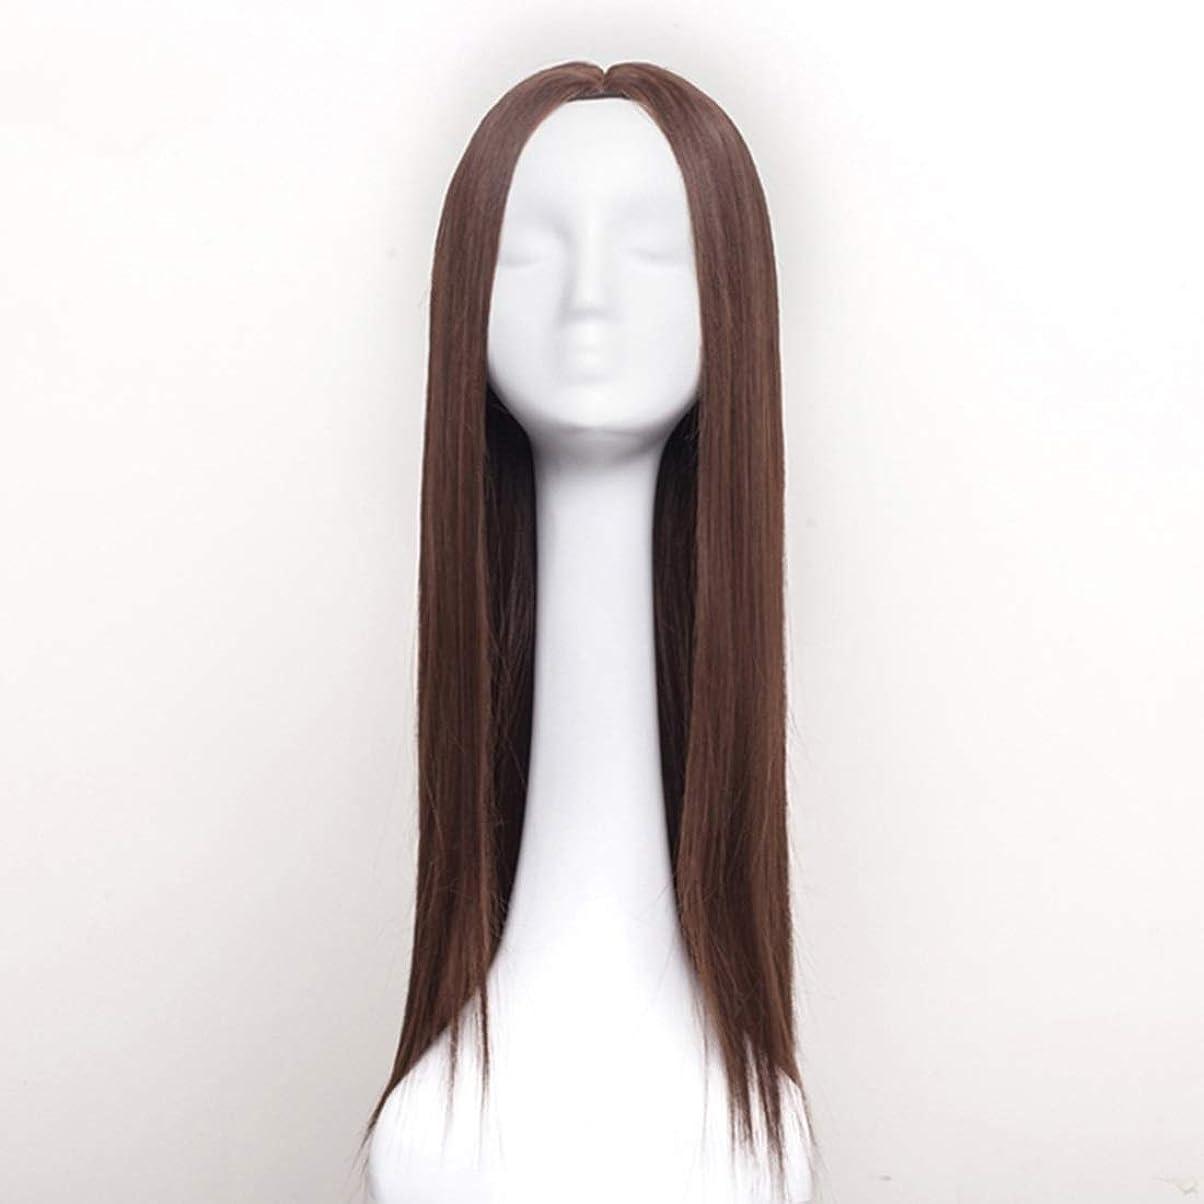 組み込むしょっぱい電極Summerys 女性のための合成かつら自然に見えるロングストレート波状なしレース耐熱交換かつら (Color : Light Brown)